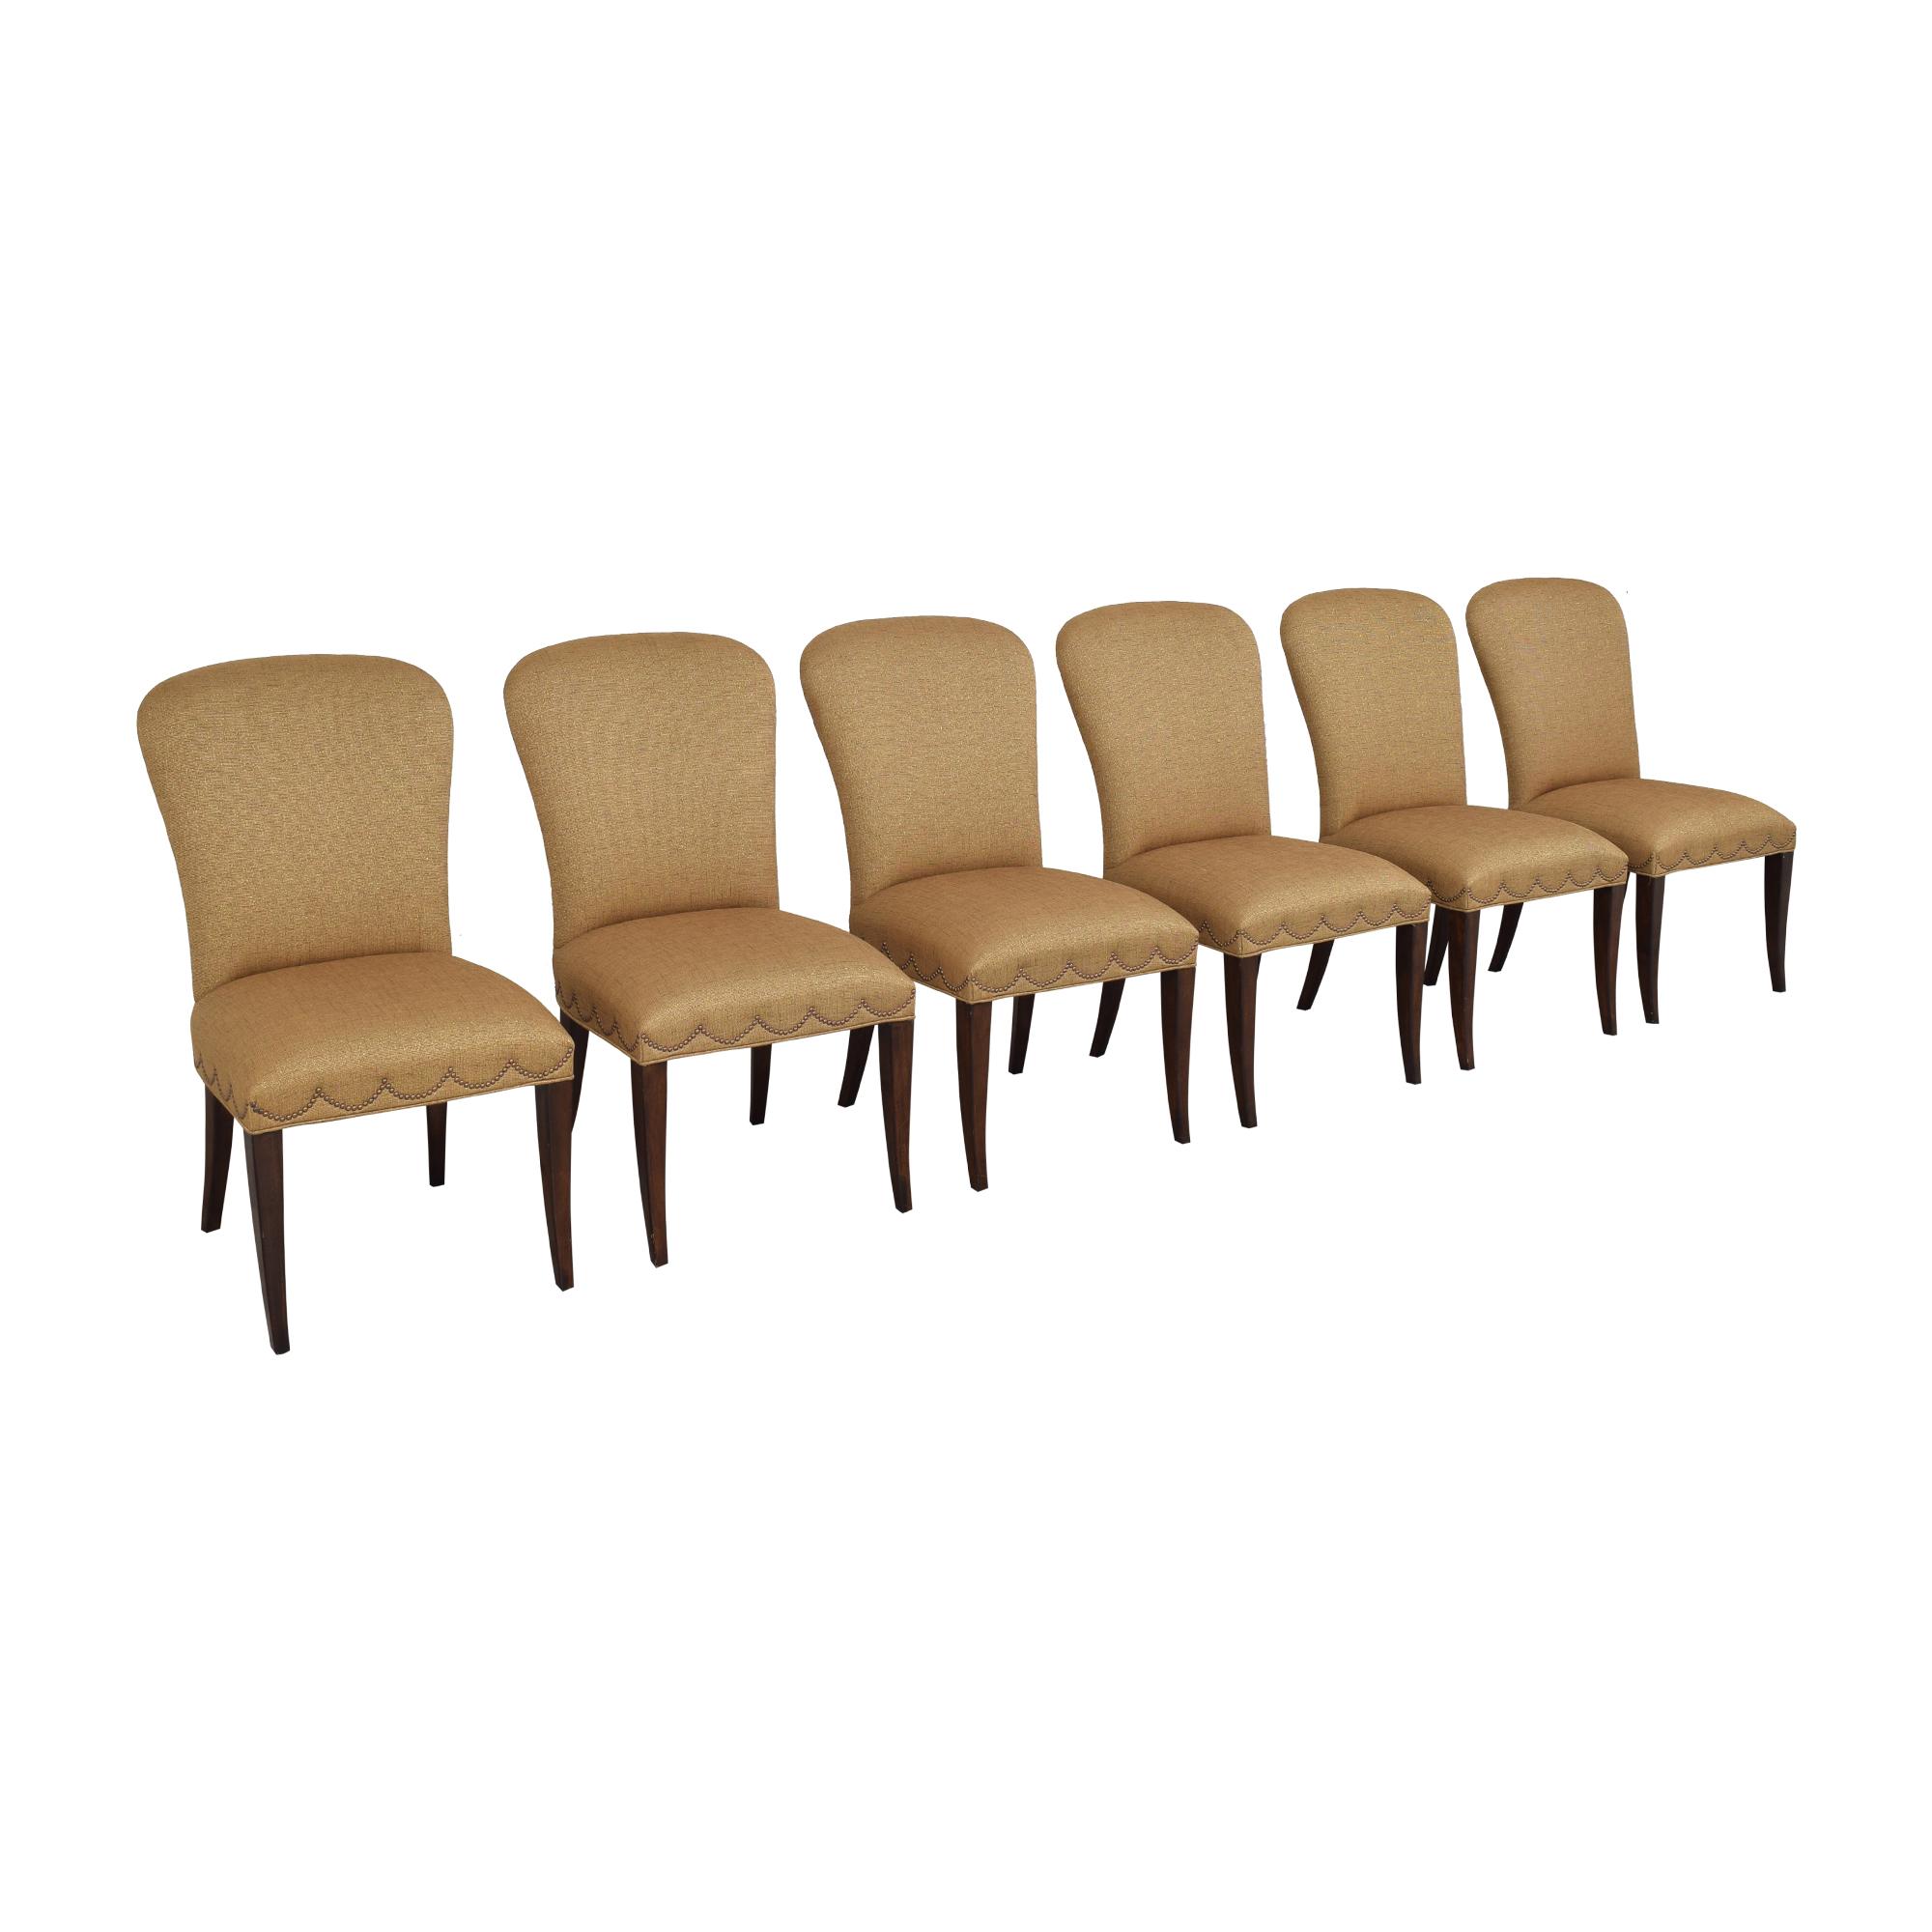 shop Furniture Brands International Furniture Brands International Scalloped Nailhead Dining Chairs online